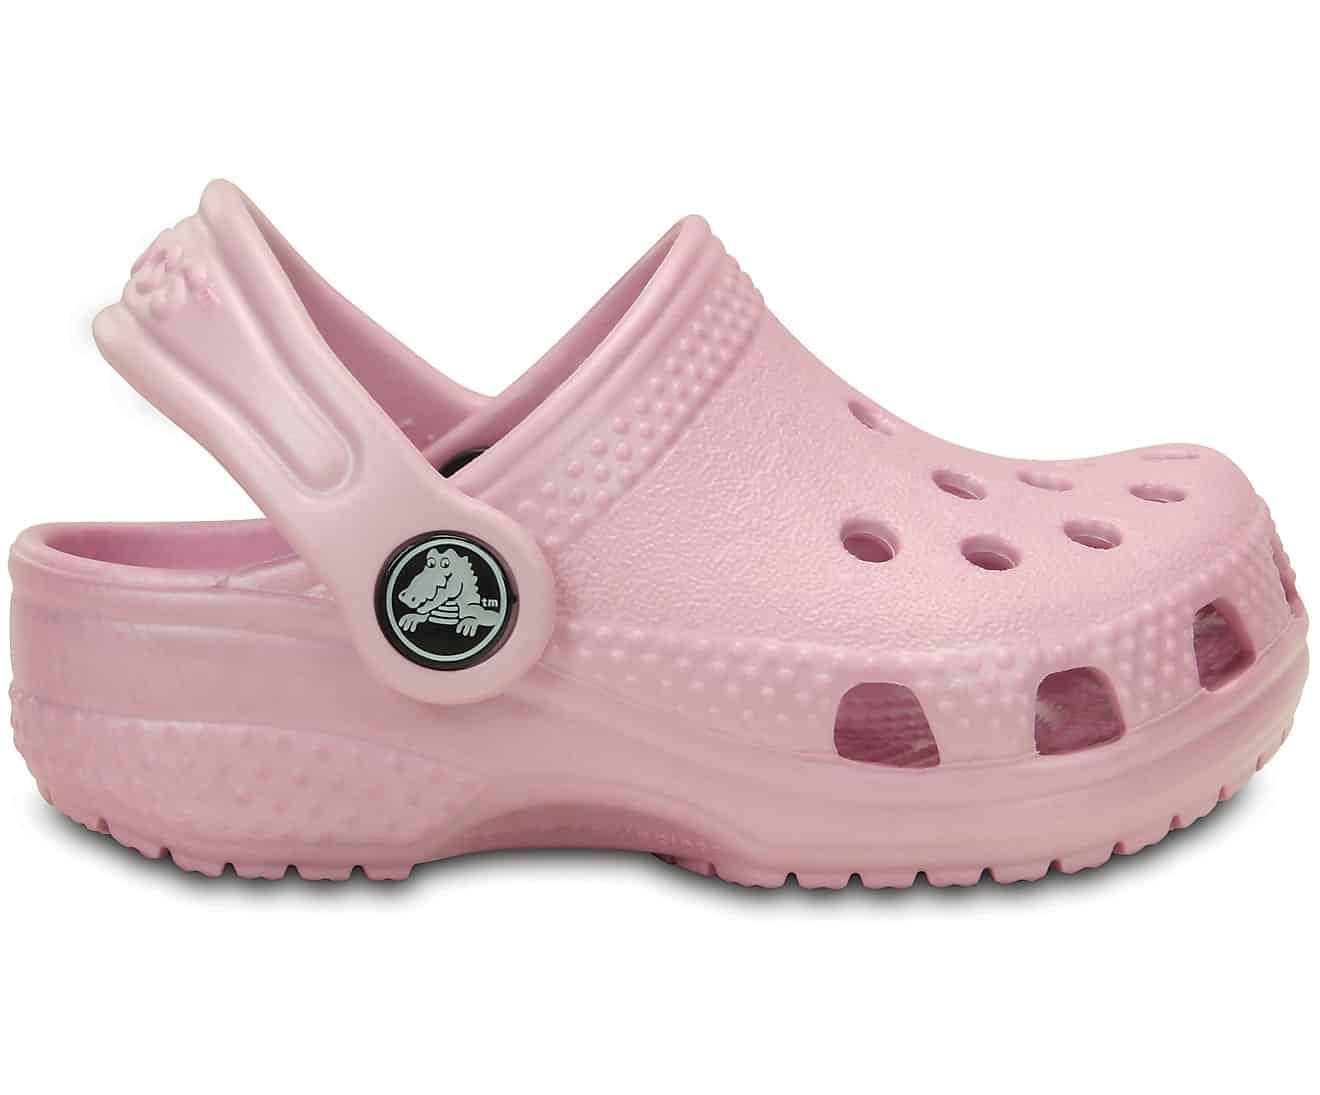 Crocs Littles Ballerina Pink11441 - 6GD